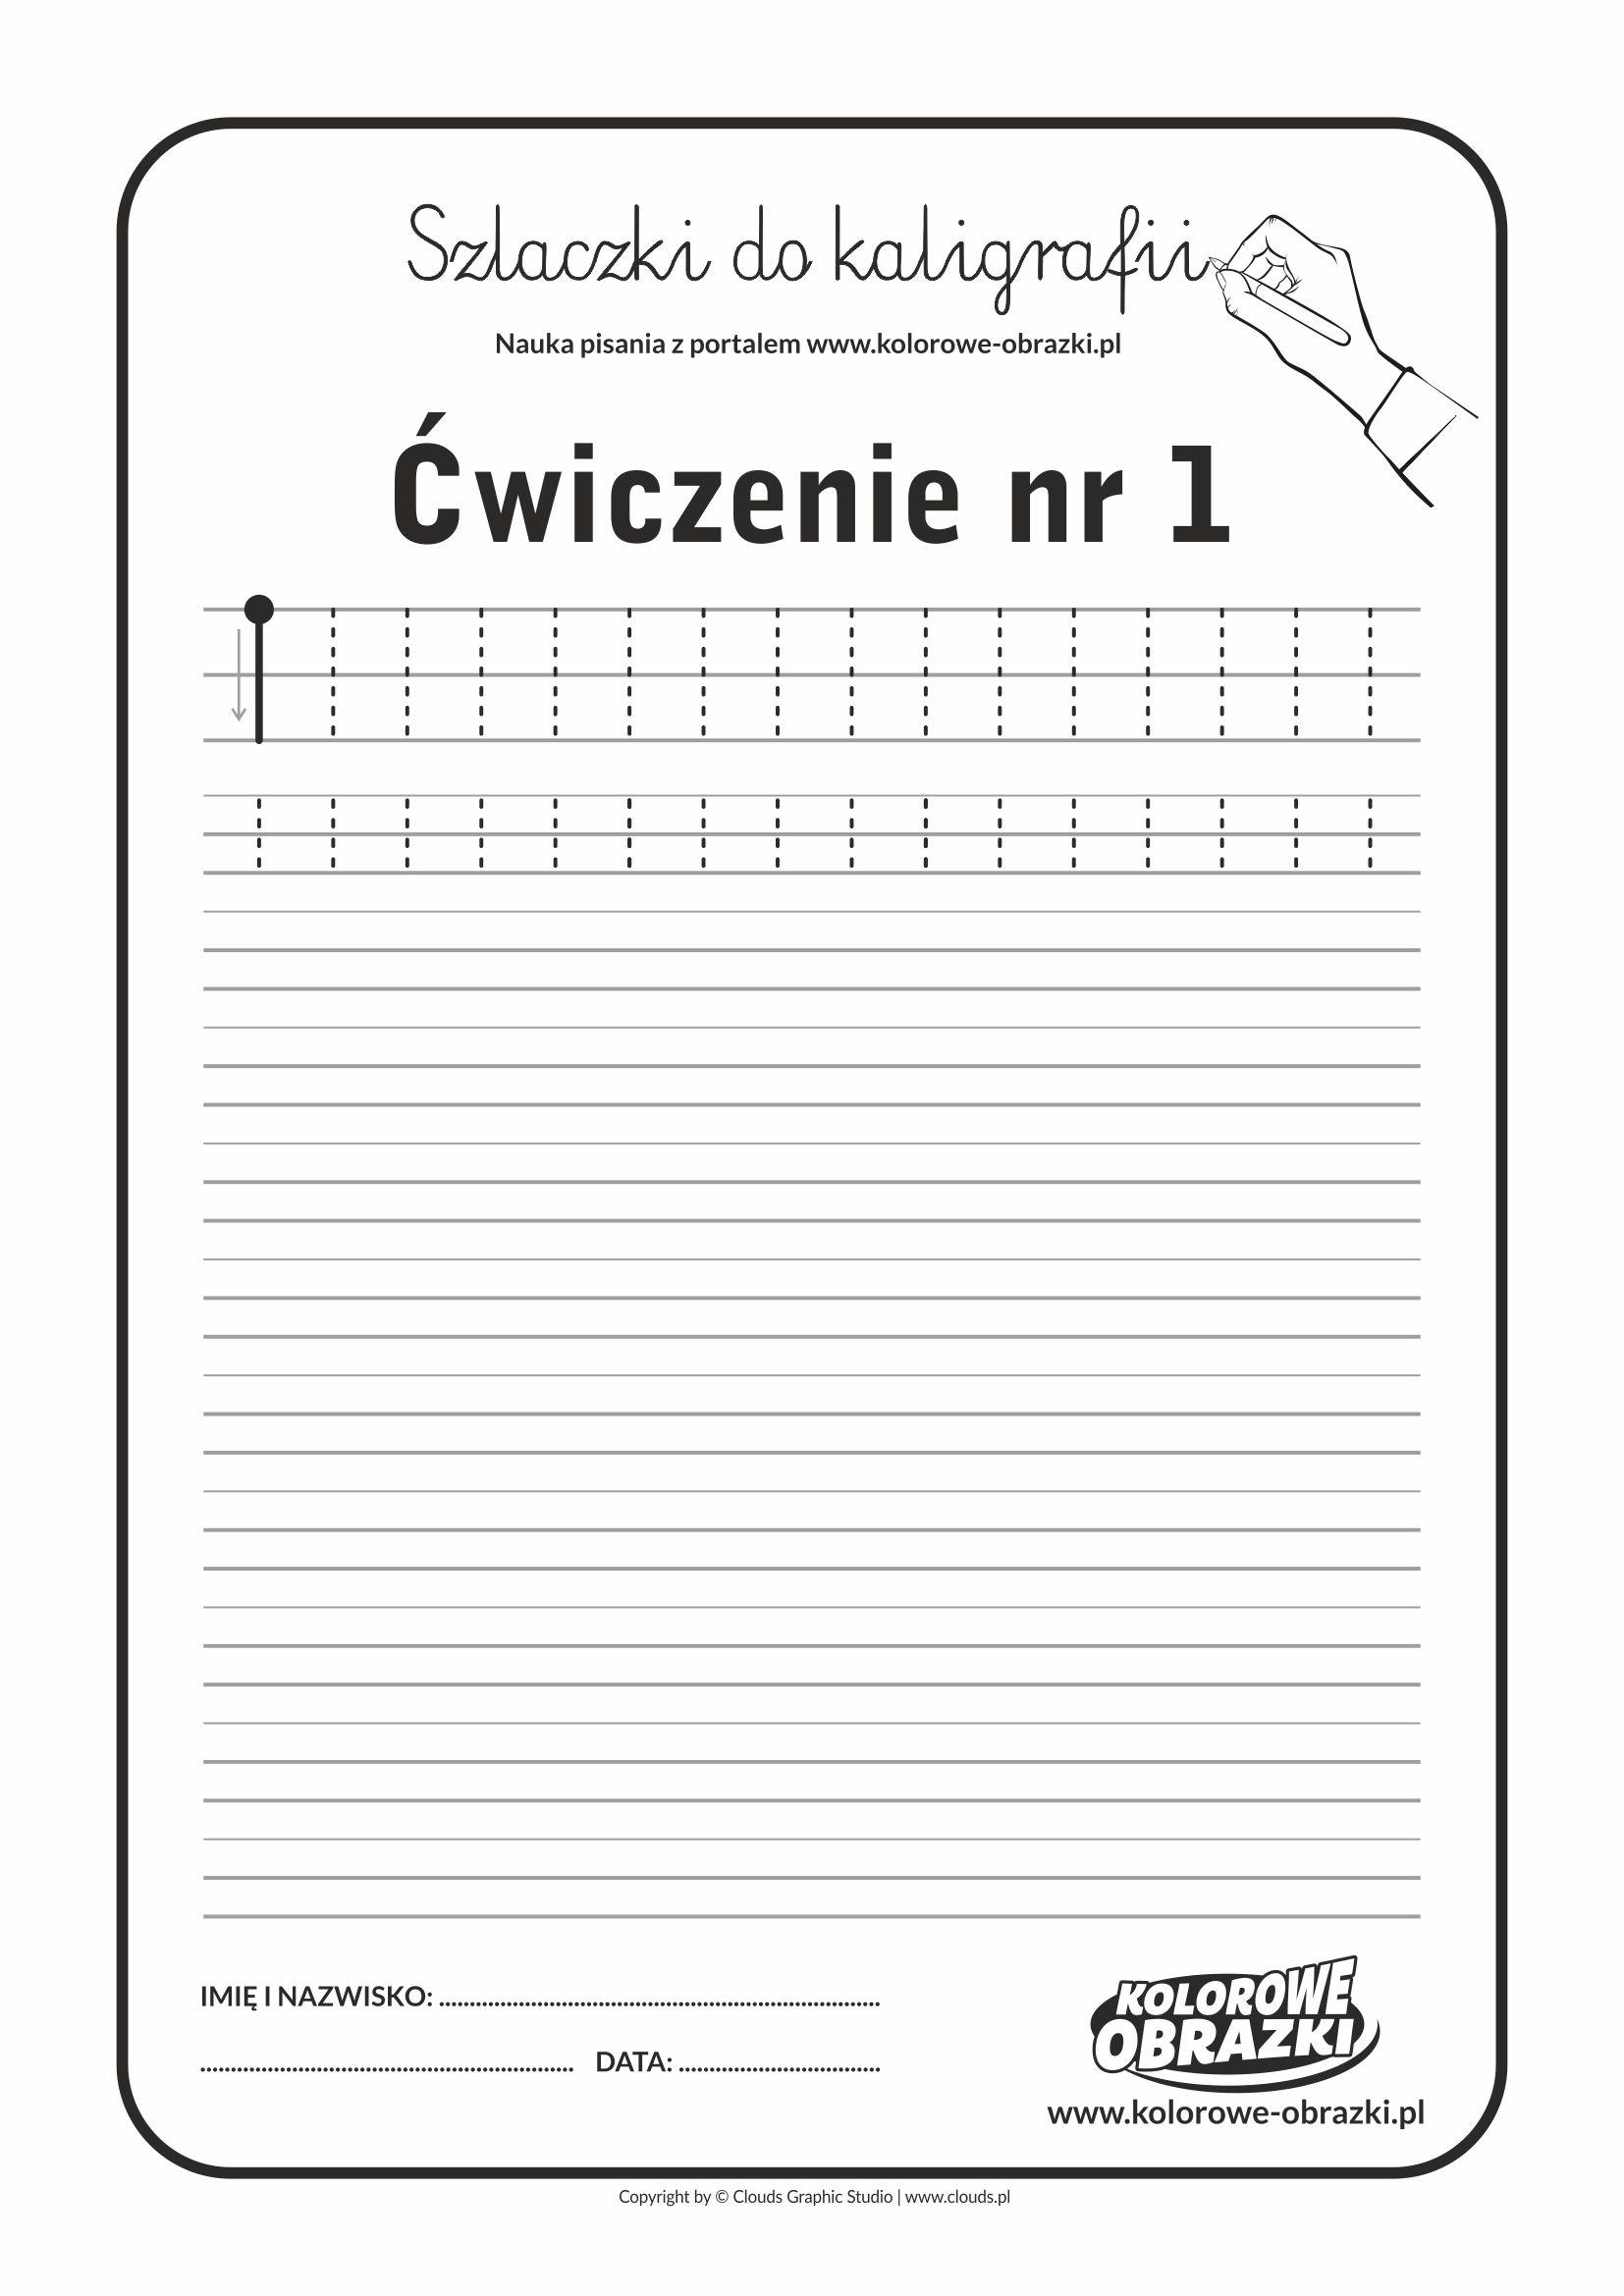 Kaligrafia dla dzieci - Ćwiczenia kaligraficzne / Szlaczki / Ćwiczenie nr 1